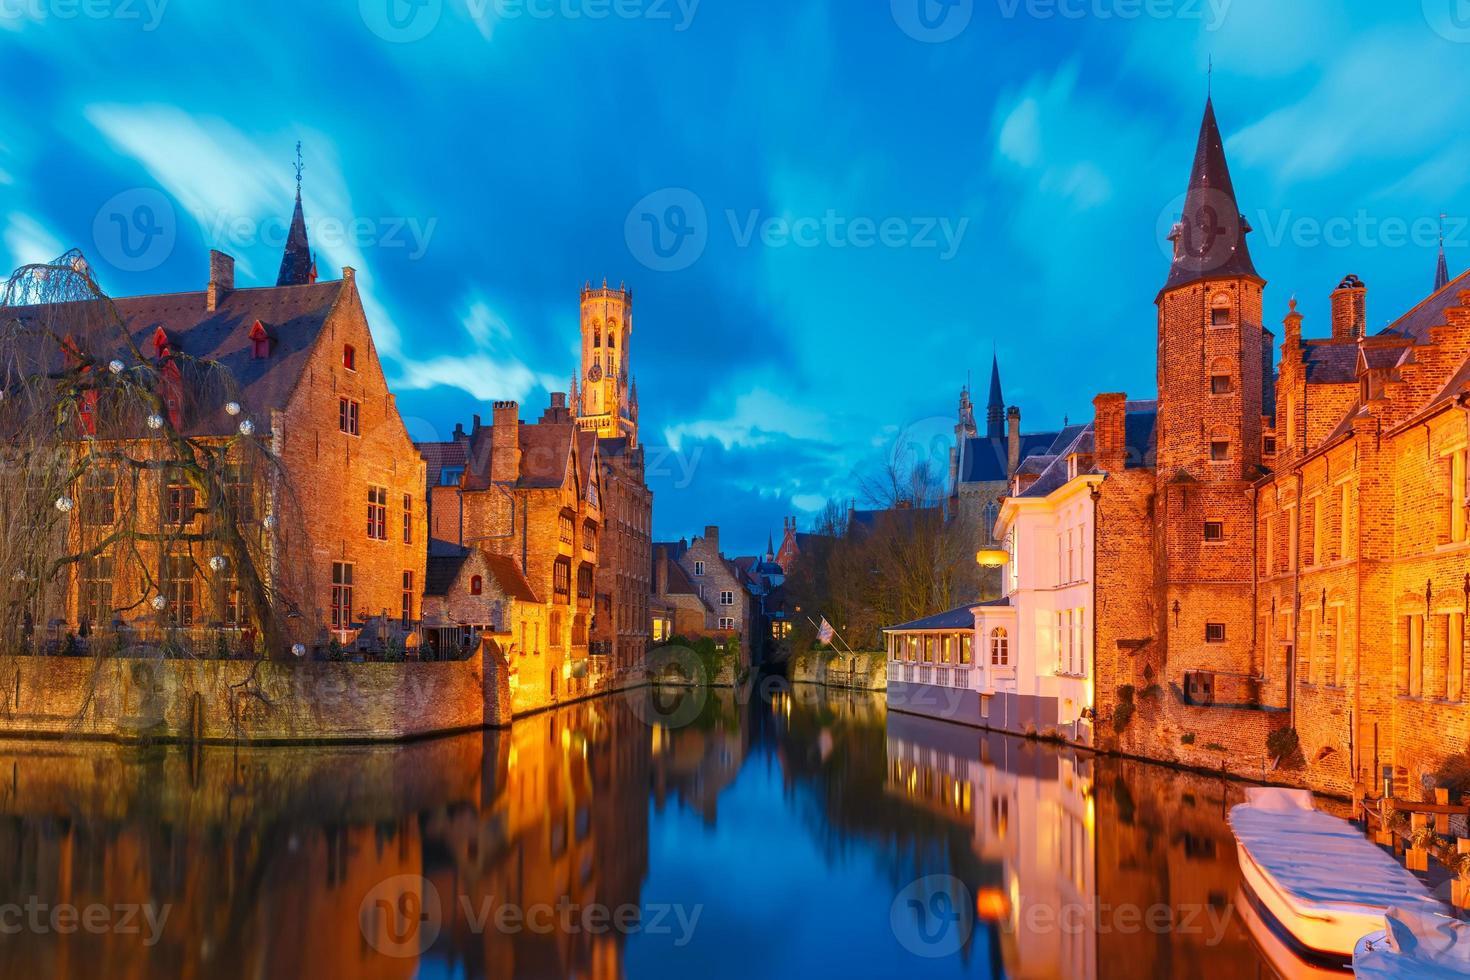 stadsgezicht met Belfort van rozenhoedkaai in Brugge bij zonsondergang foto